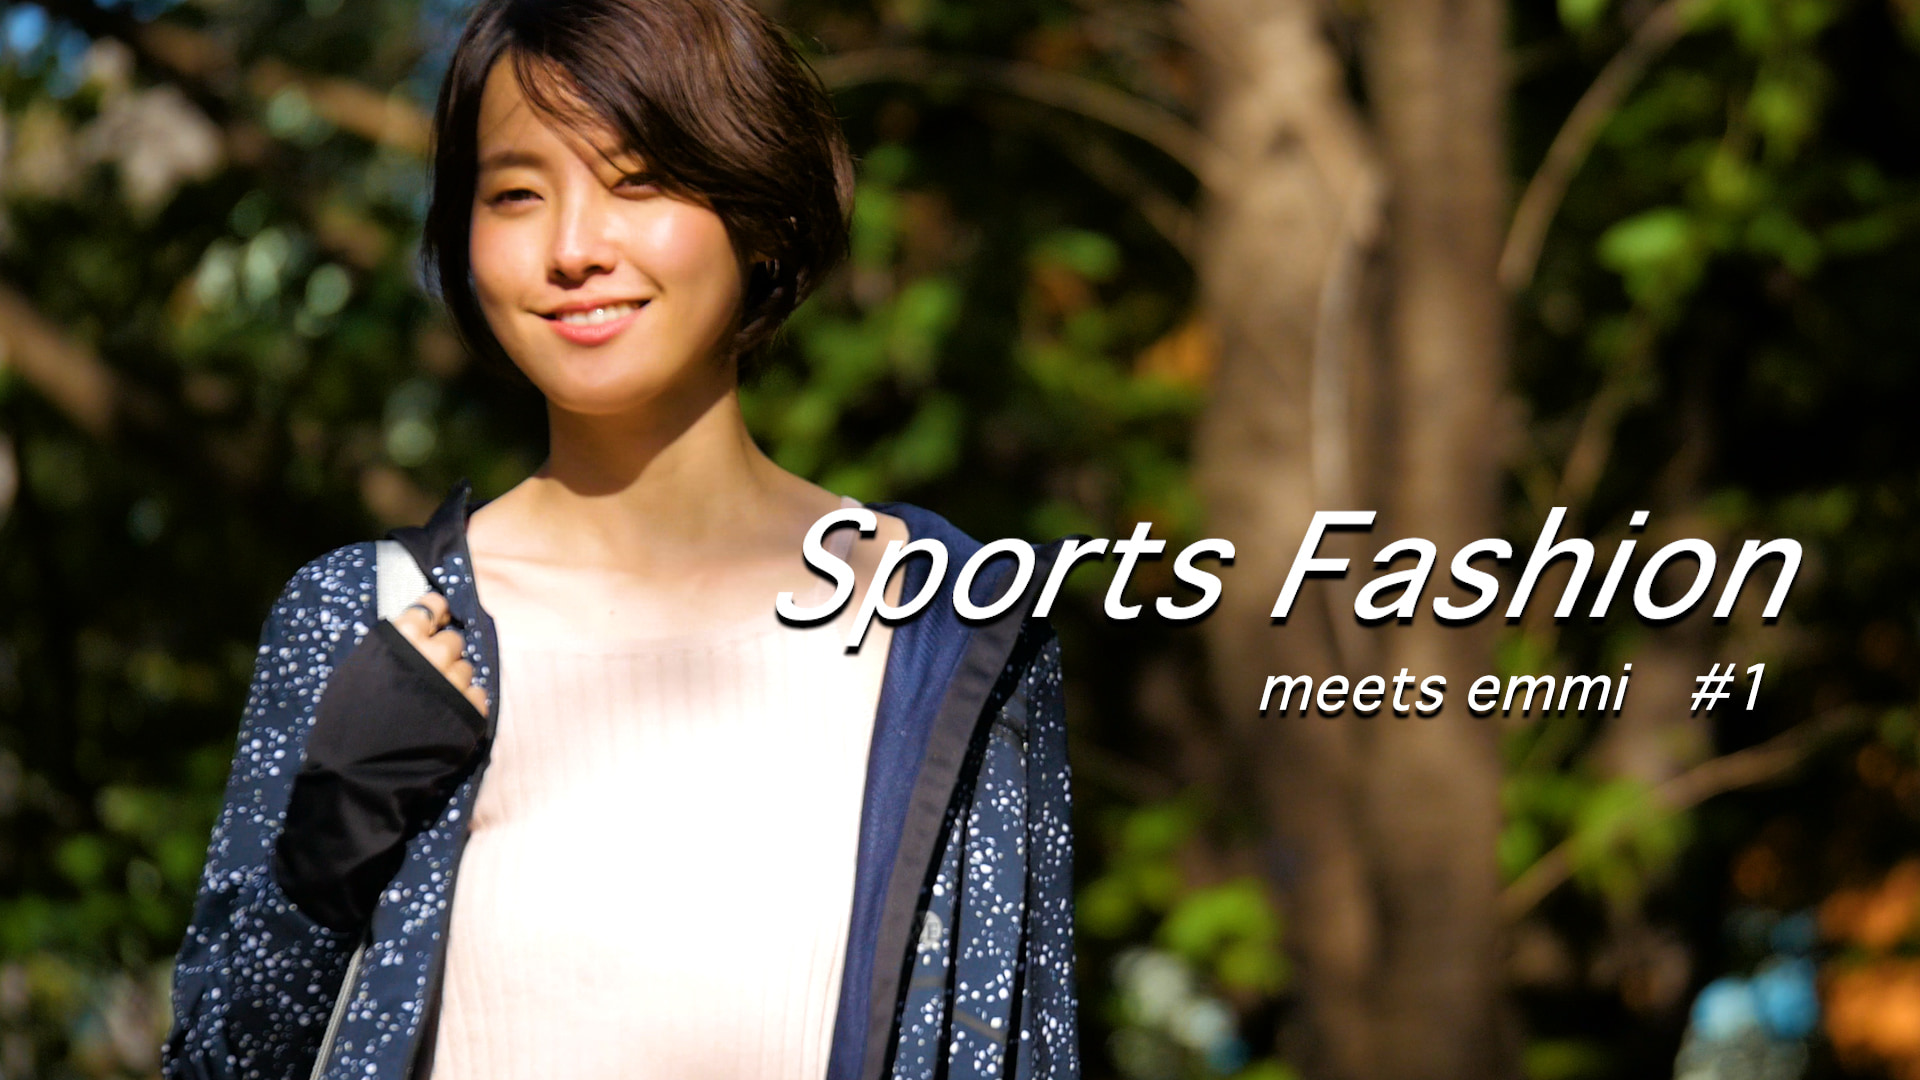 #1 アクティブなライフスタイルはSports mix Fashionでアップグレード!=待ち合わせ編=